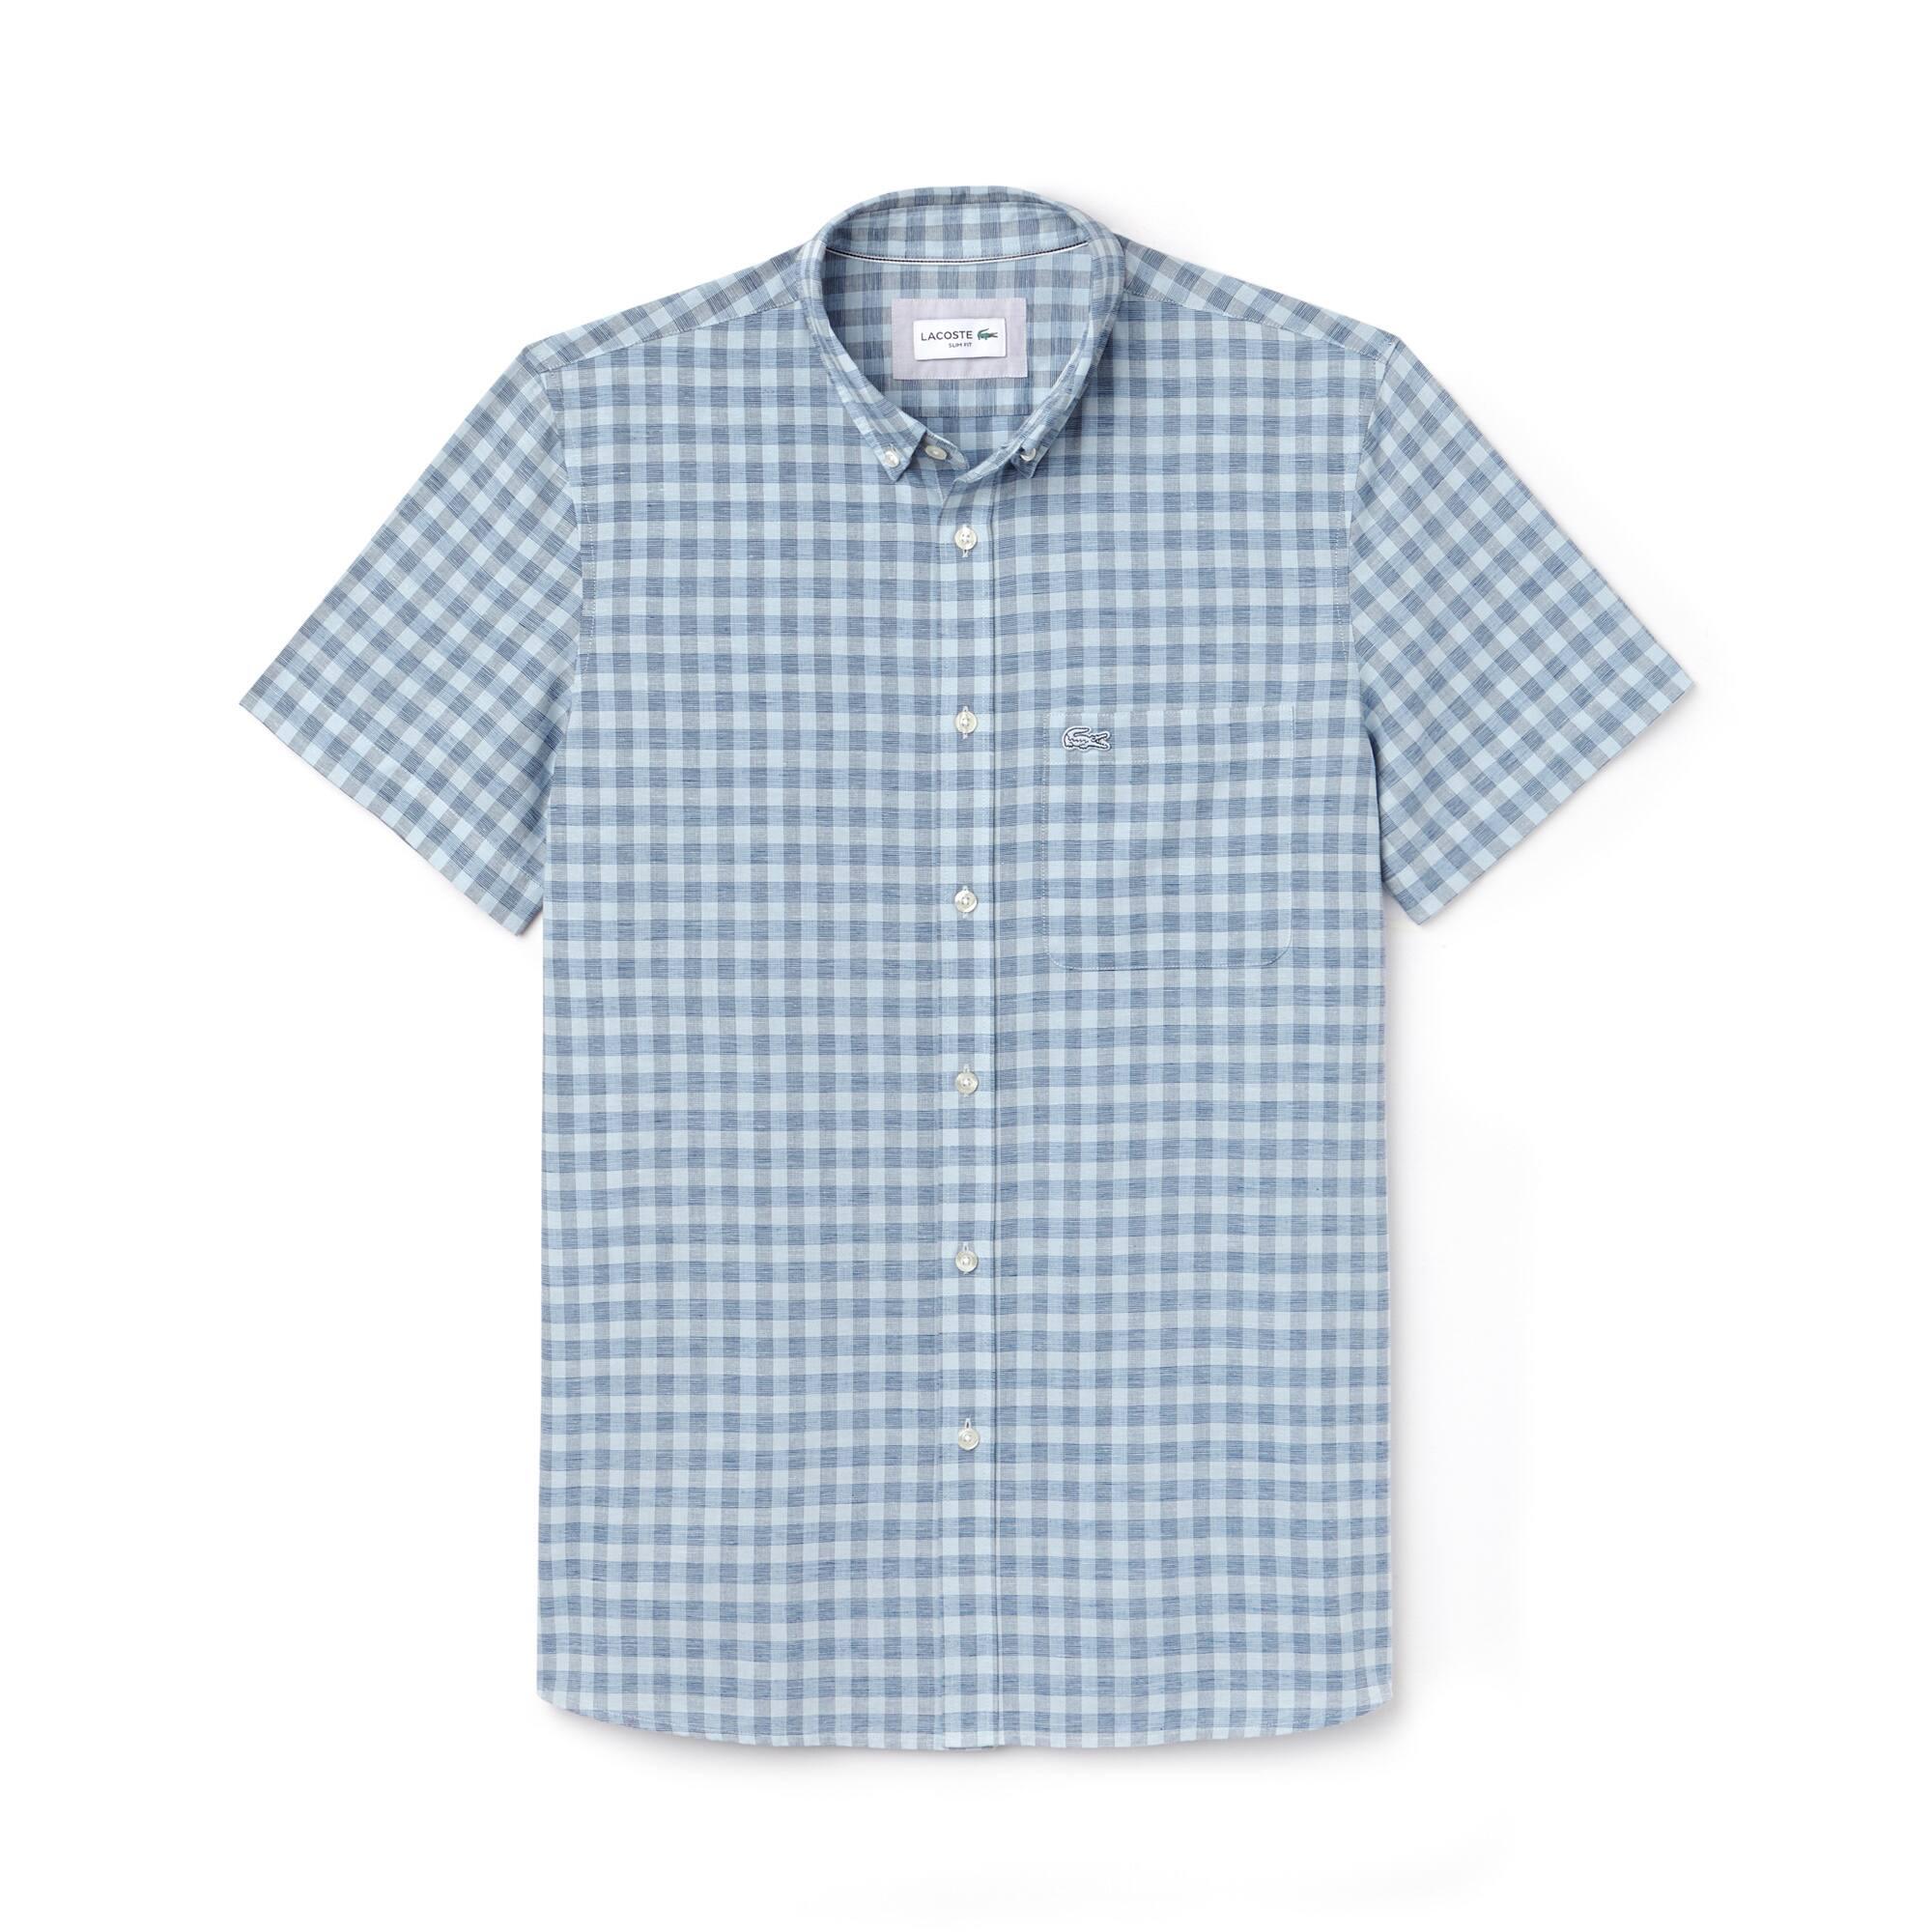 Camisa slim fit de manga curta em popelina aos quadrados